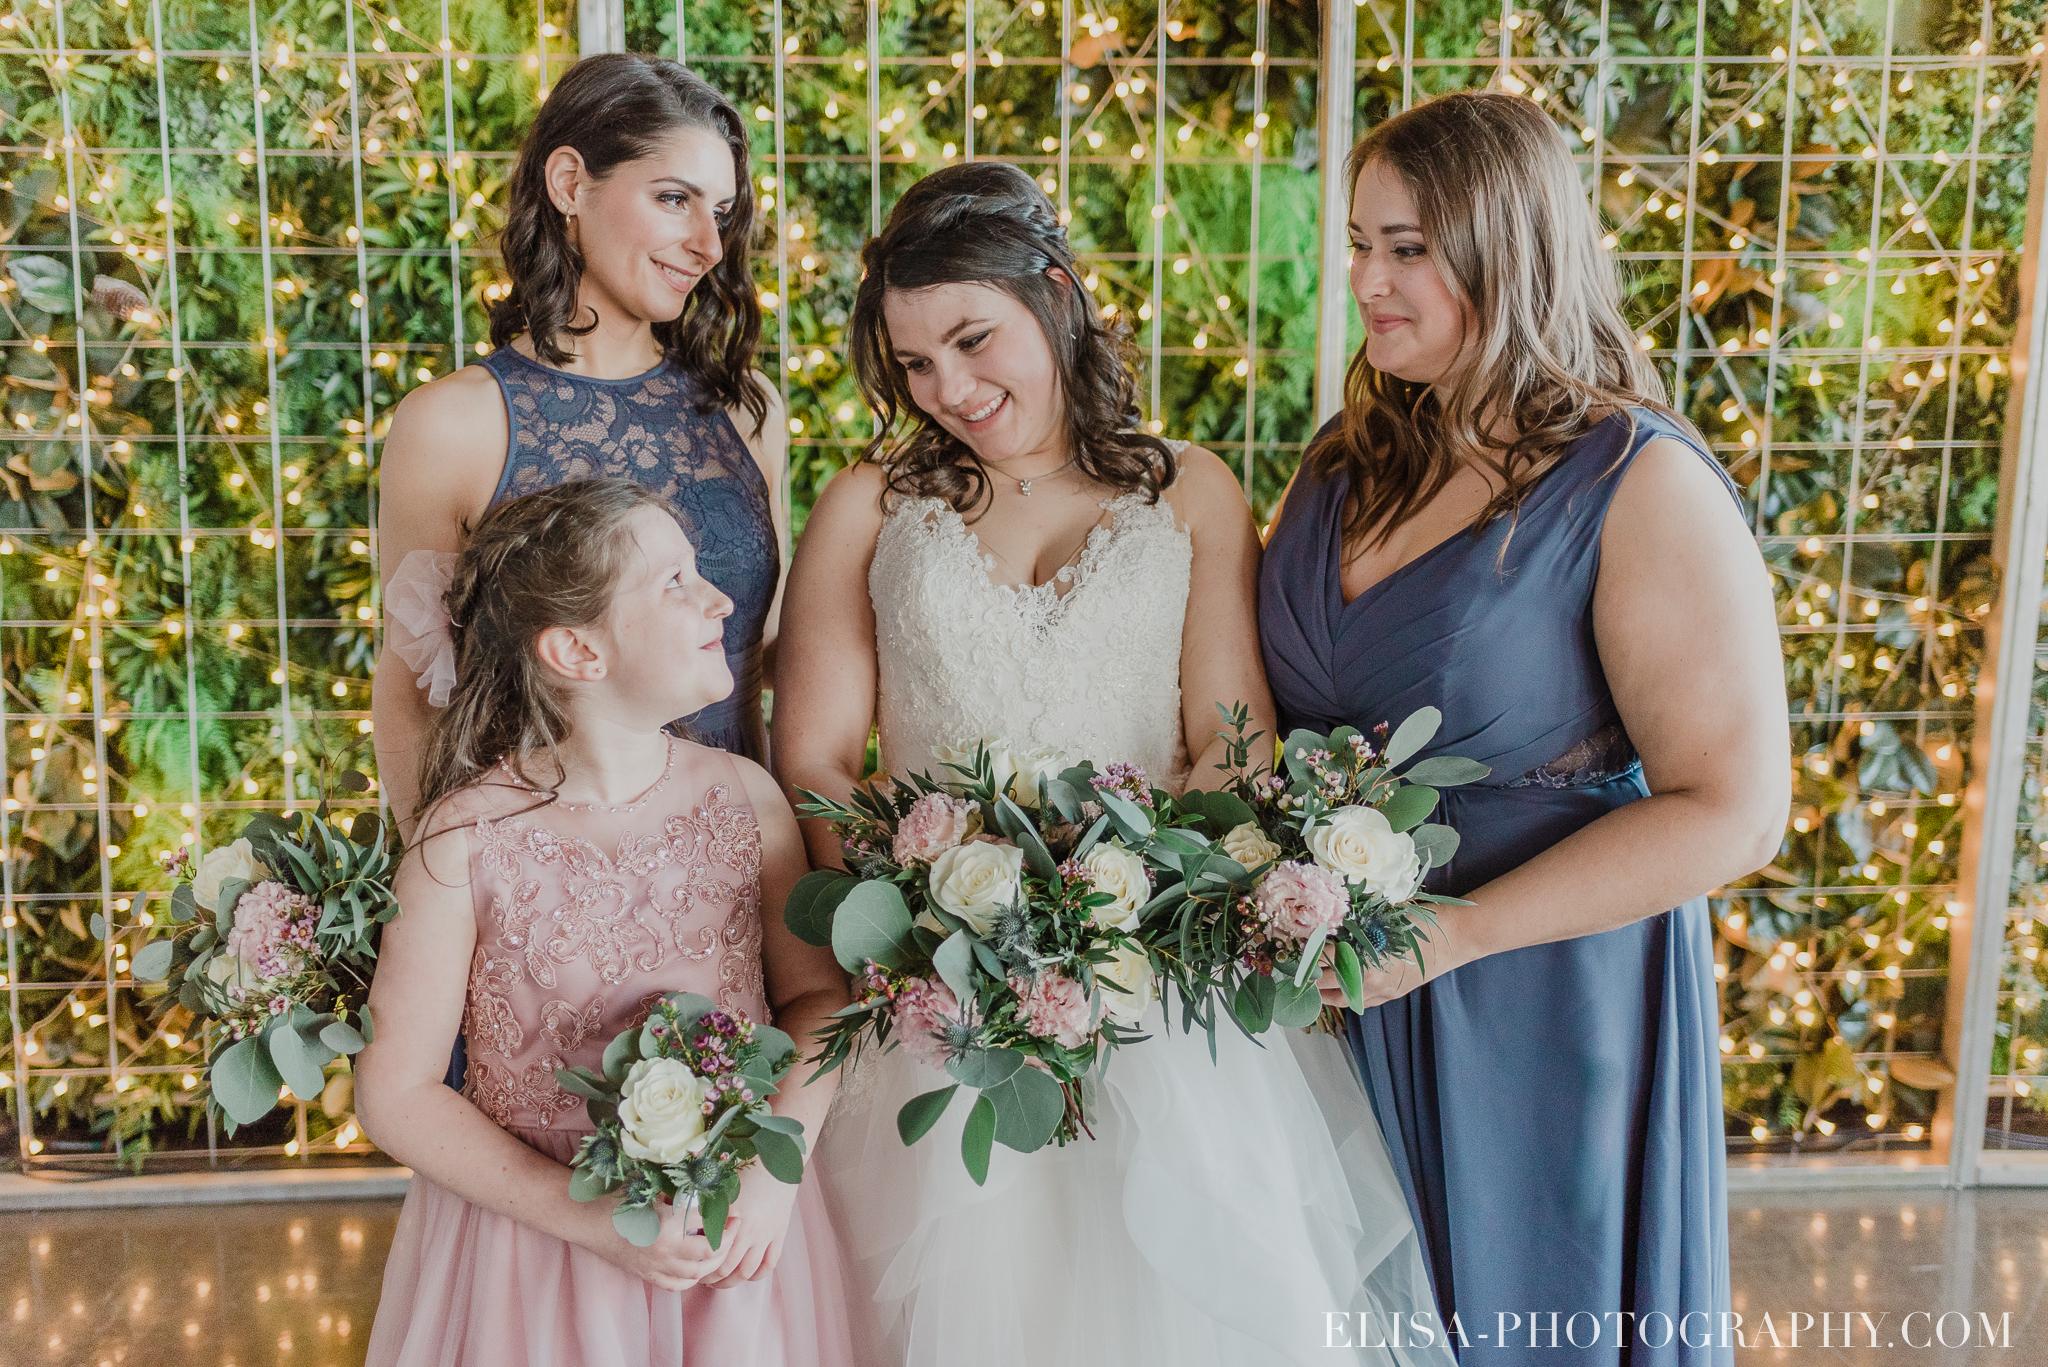 photo mariage quai blanc quebec cortege robe mauve bouquetiere rose 3025 - Un chaleureux mariage hivernal à la salle du Quai du Cap Blanc, Québec